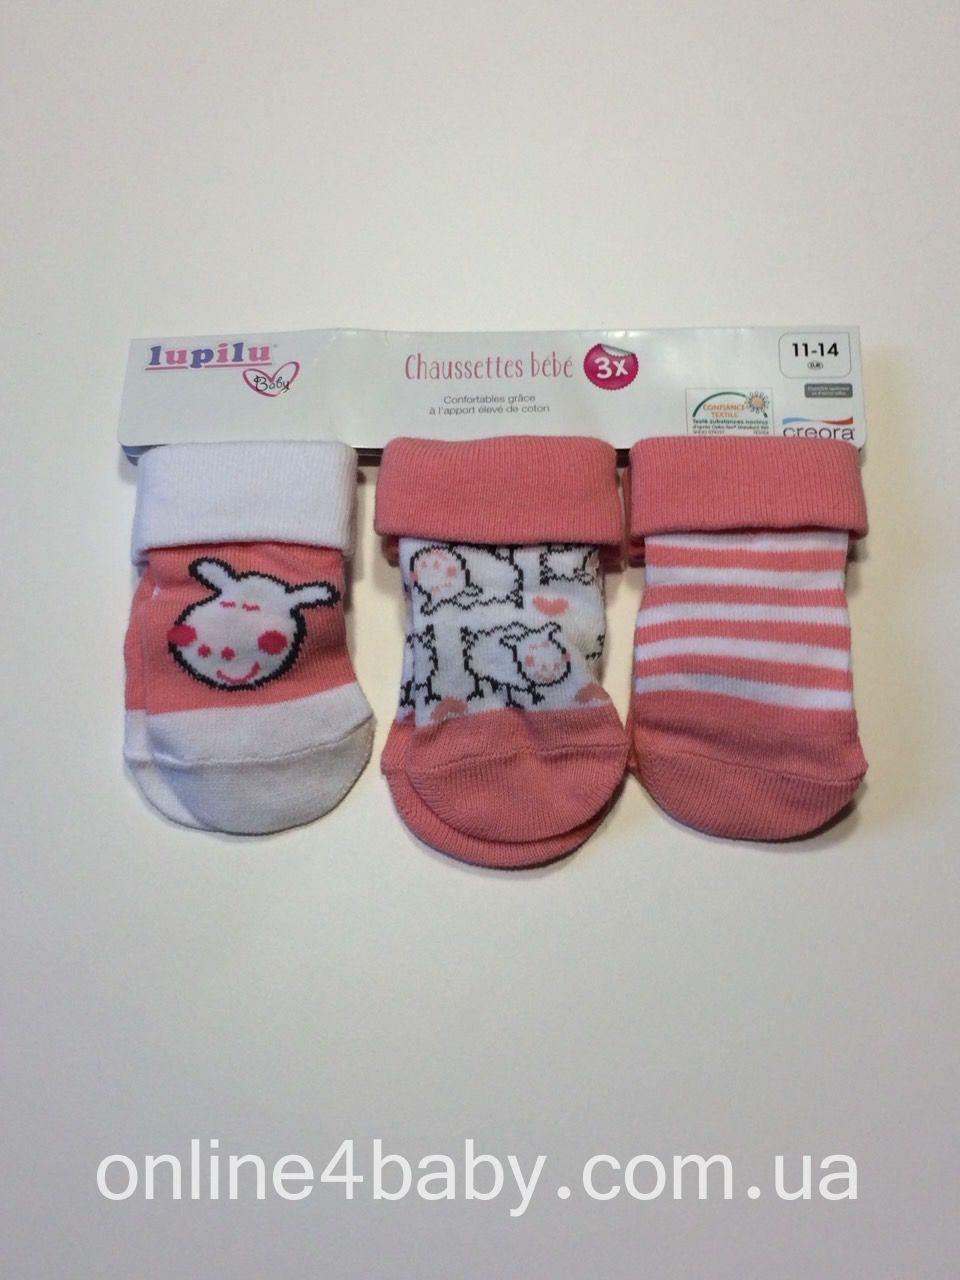 Шкарпетки дитячі Lupilu розмір Розмір 11-14 набір з 3 шт